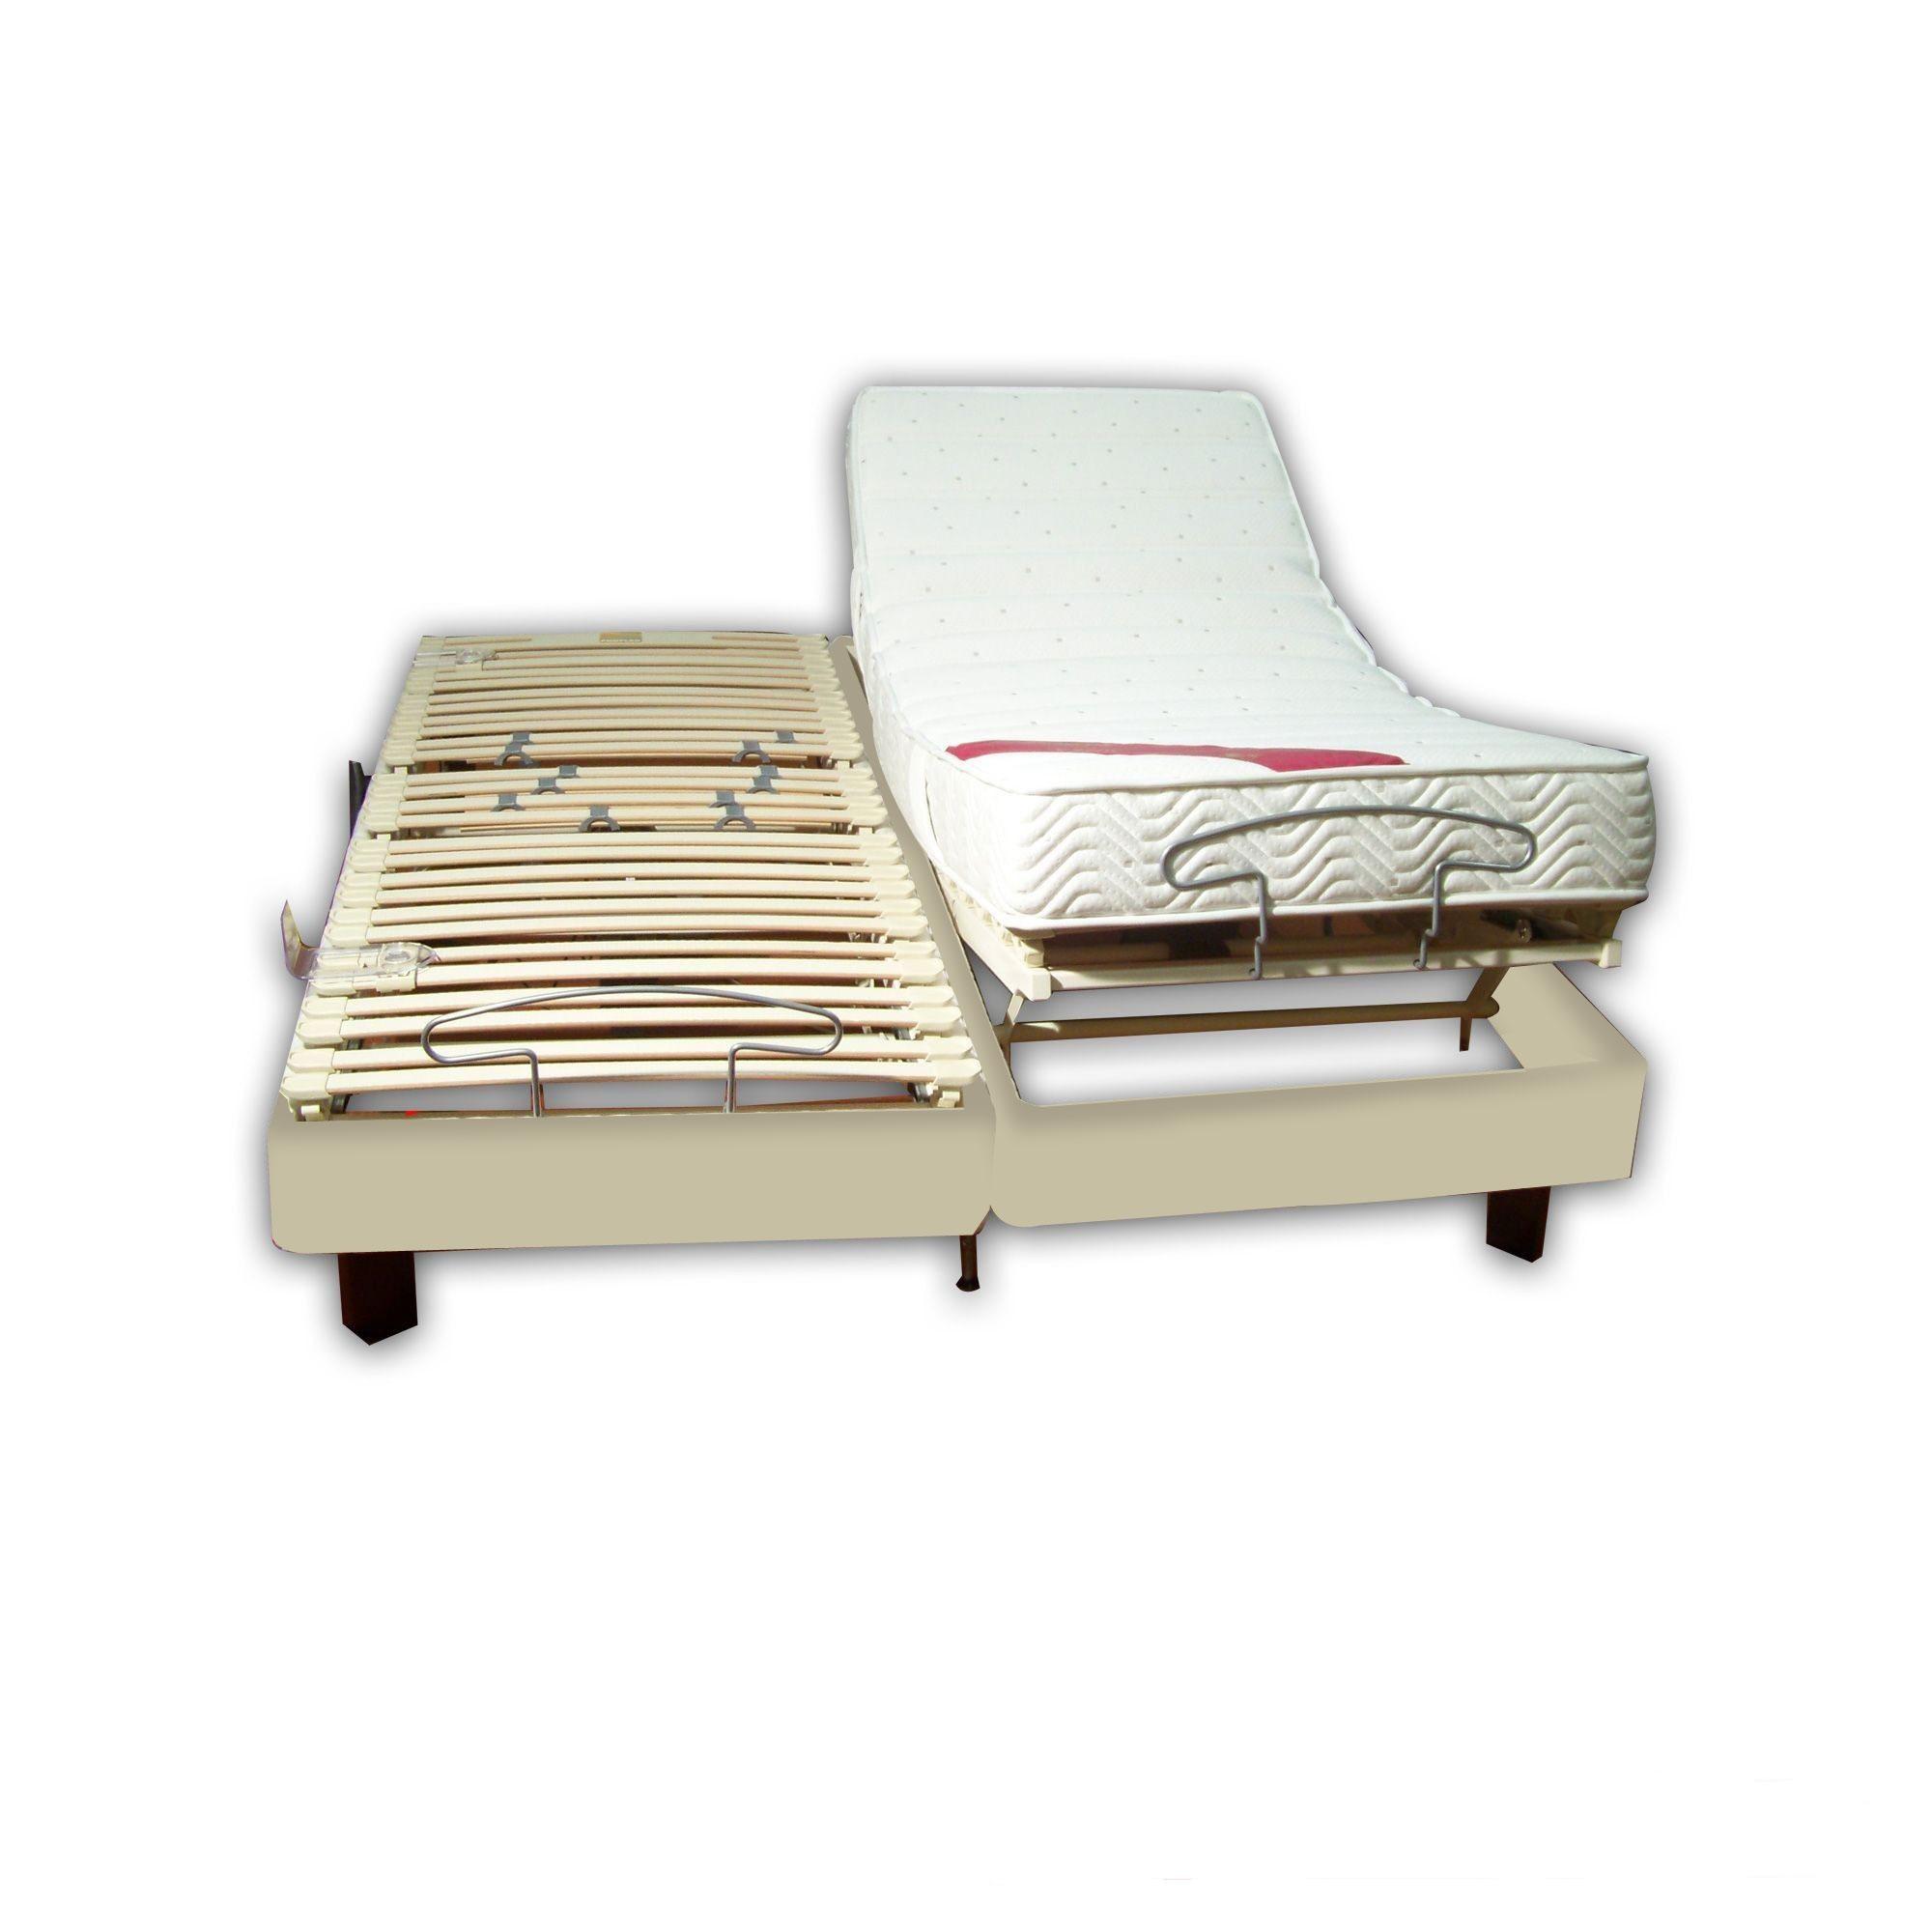 ensemble relaxation 2x80x200 matelas pour lit electrique protege matelas pour lit electrique on. Black Bedroom Furniture Sets. Home Design Ideas